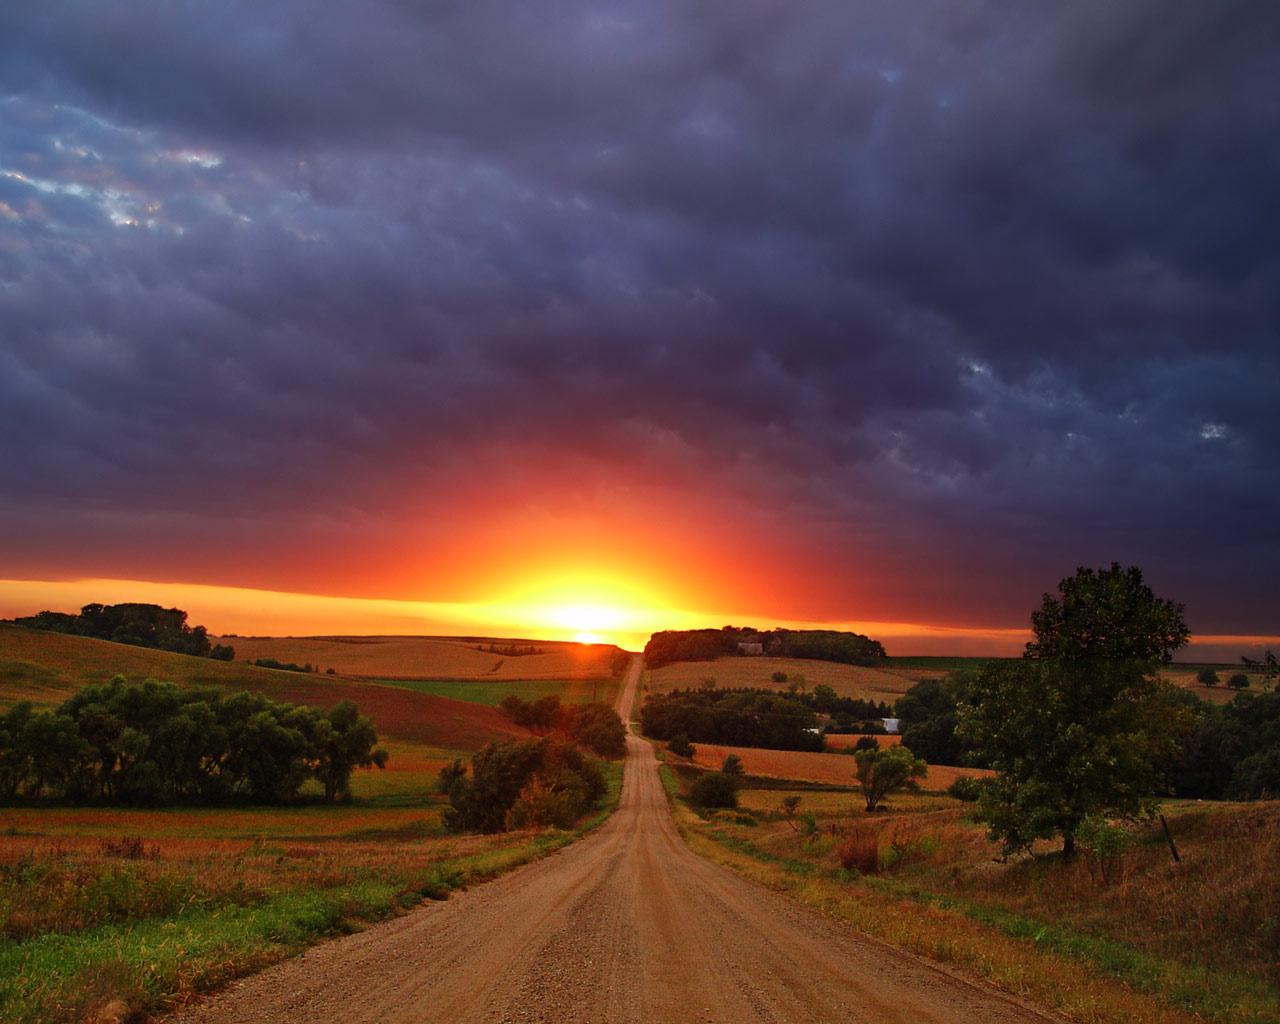 http://4.bp.blogspot.com/-svHcDhmDkVc/UCWriA3IsLI/AAAAAAAAAyQ/sjqV2Dm4YTQ/s1600/Beautiful+Sunset+Wallpapers+HD+4.jpg